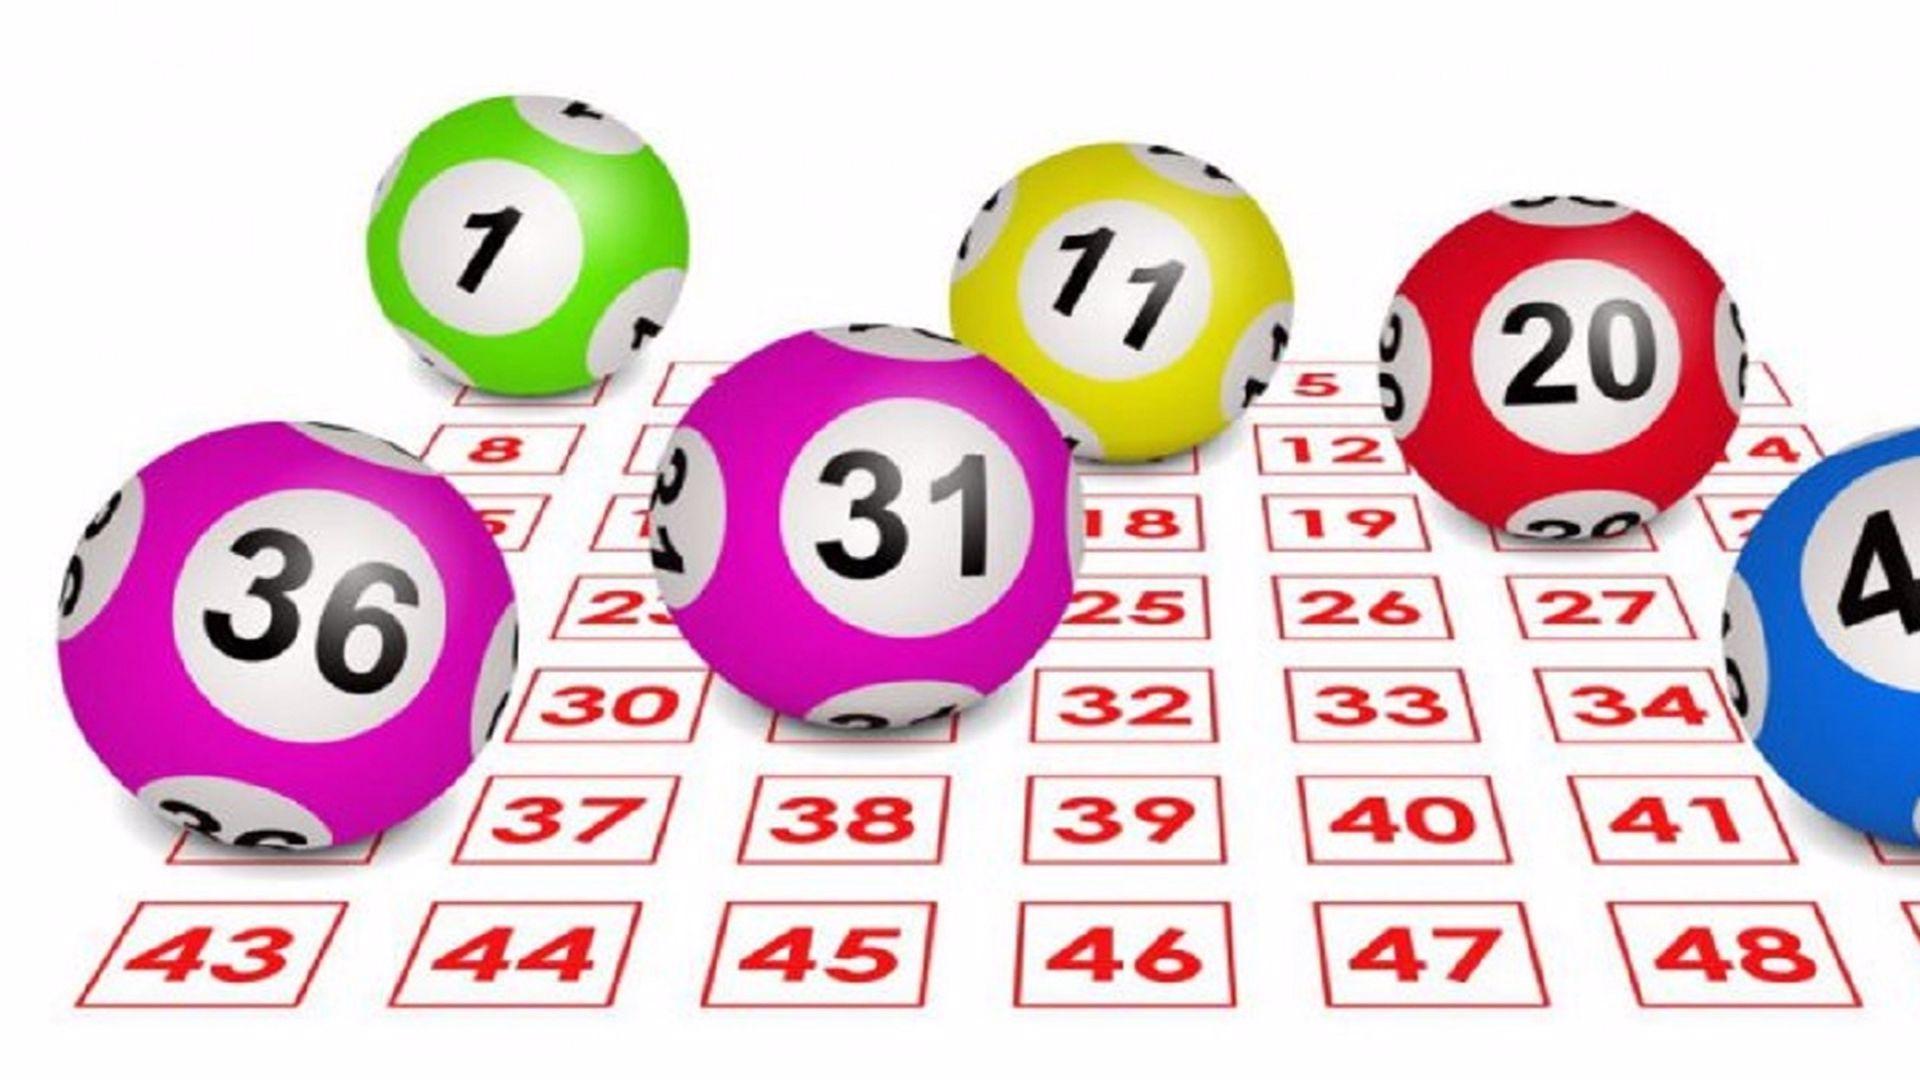 Rezultate LOTO 16 iulie 2020. Numerele extrase la 6/49, Joker, Noroc și celelalte jocuri